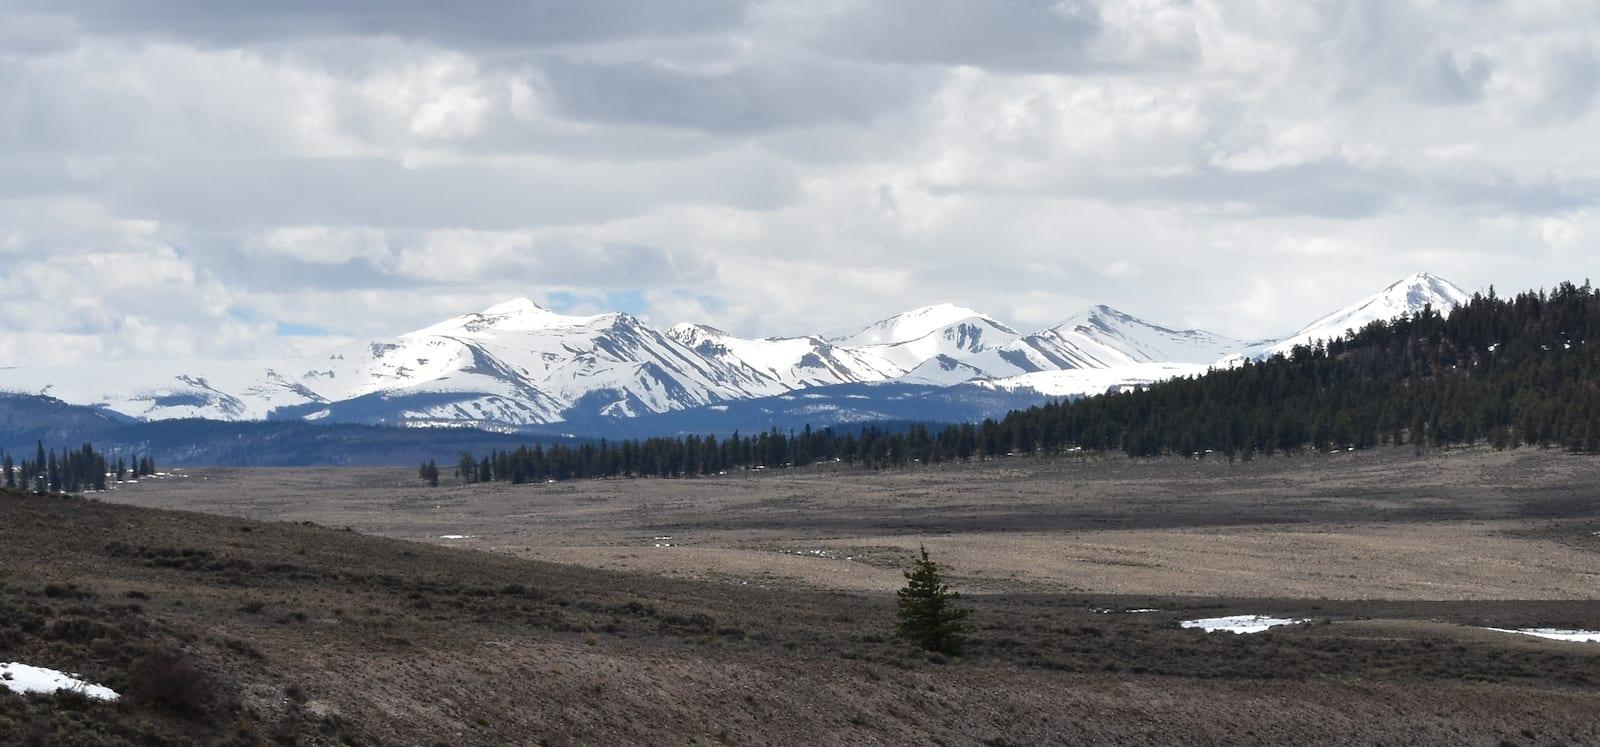 North Pass, Colorado